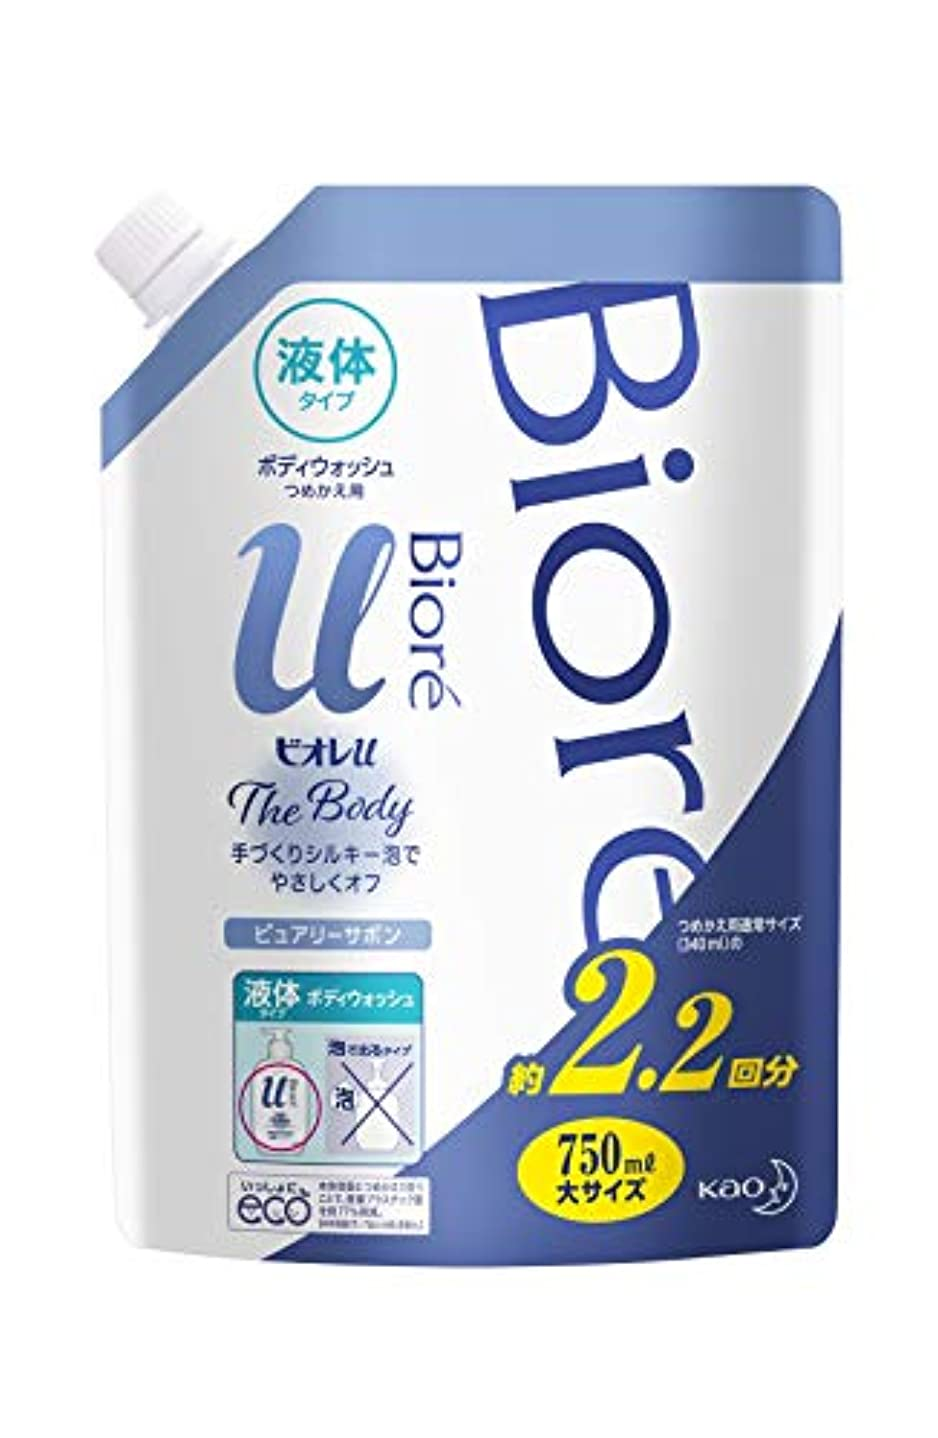 【大容量】 ビオレu ザ ボディ 〔 The Body 〕 液体タイプ ピュアリーサボンの香り つめかえ用 750ml 「高潤滑処方の手づくりシルキー泡」